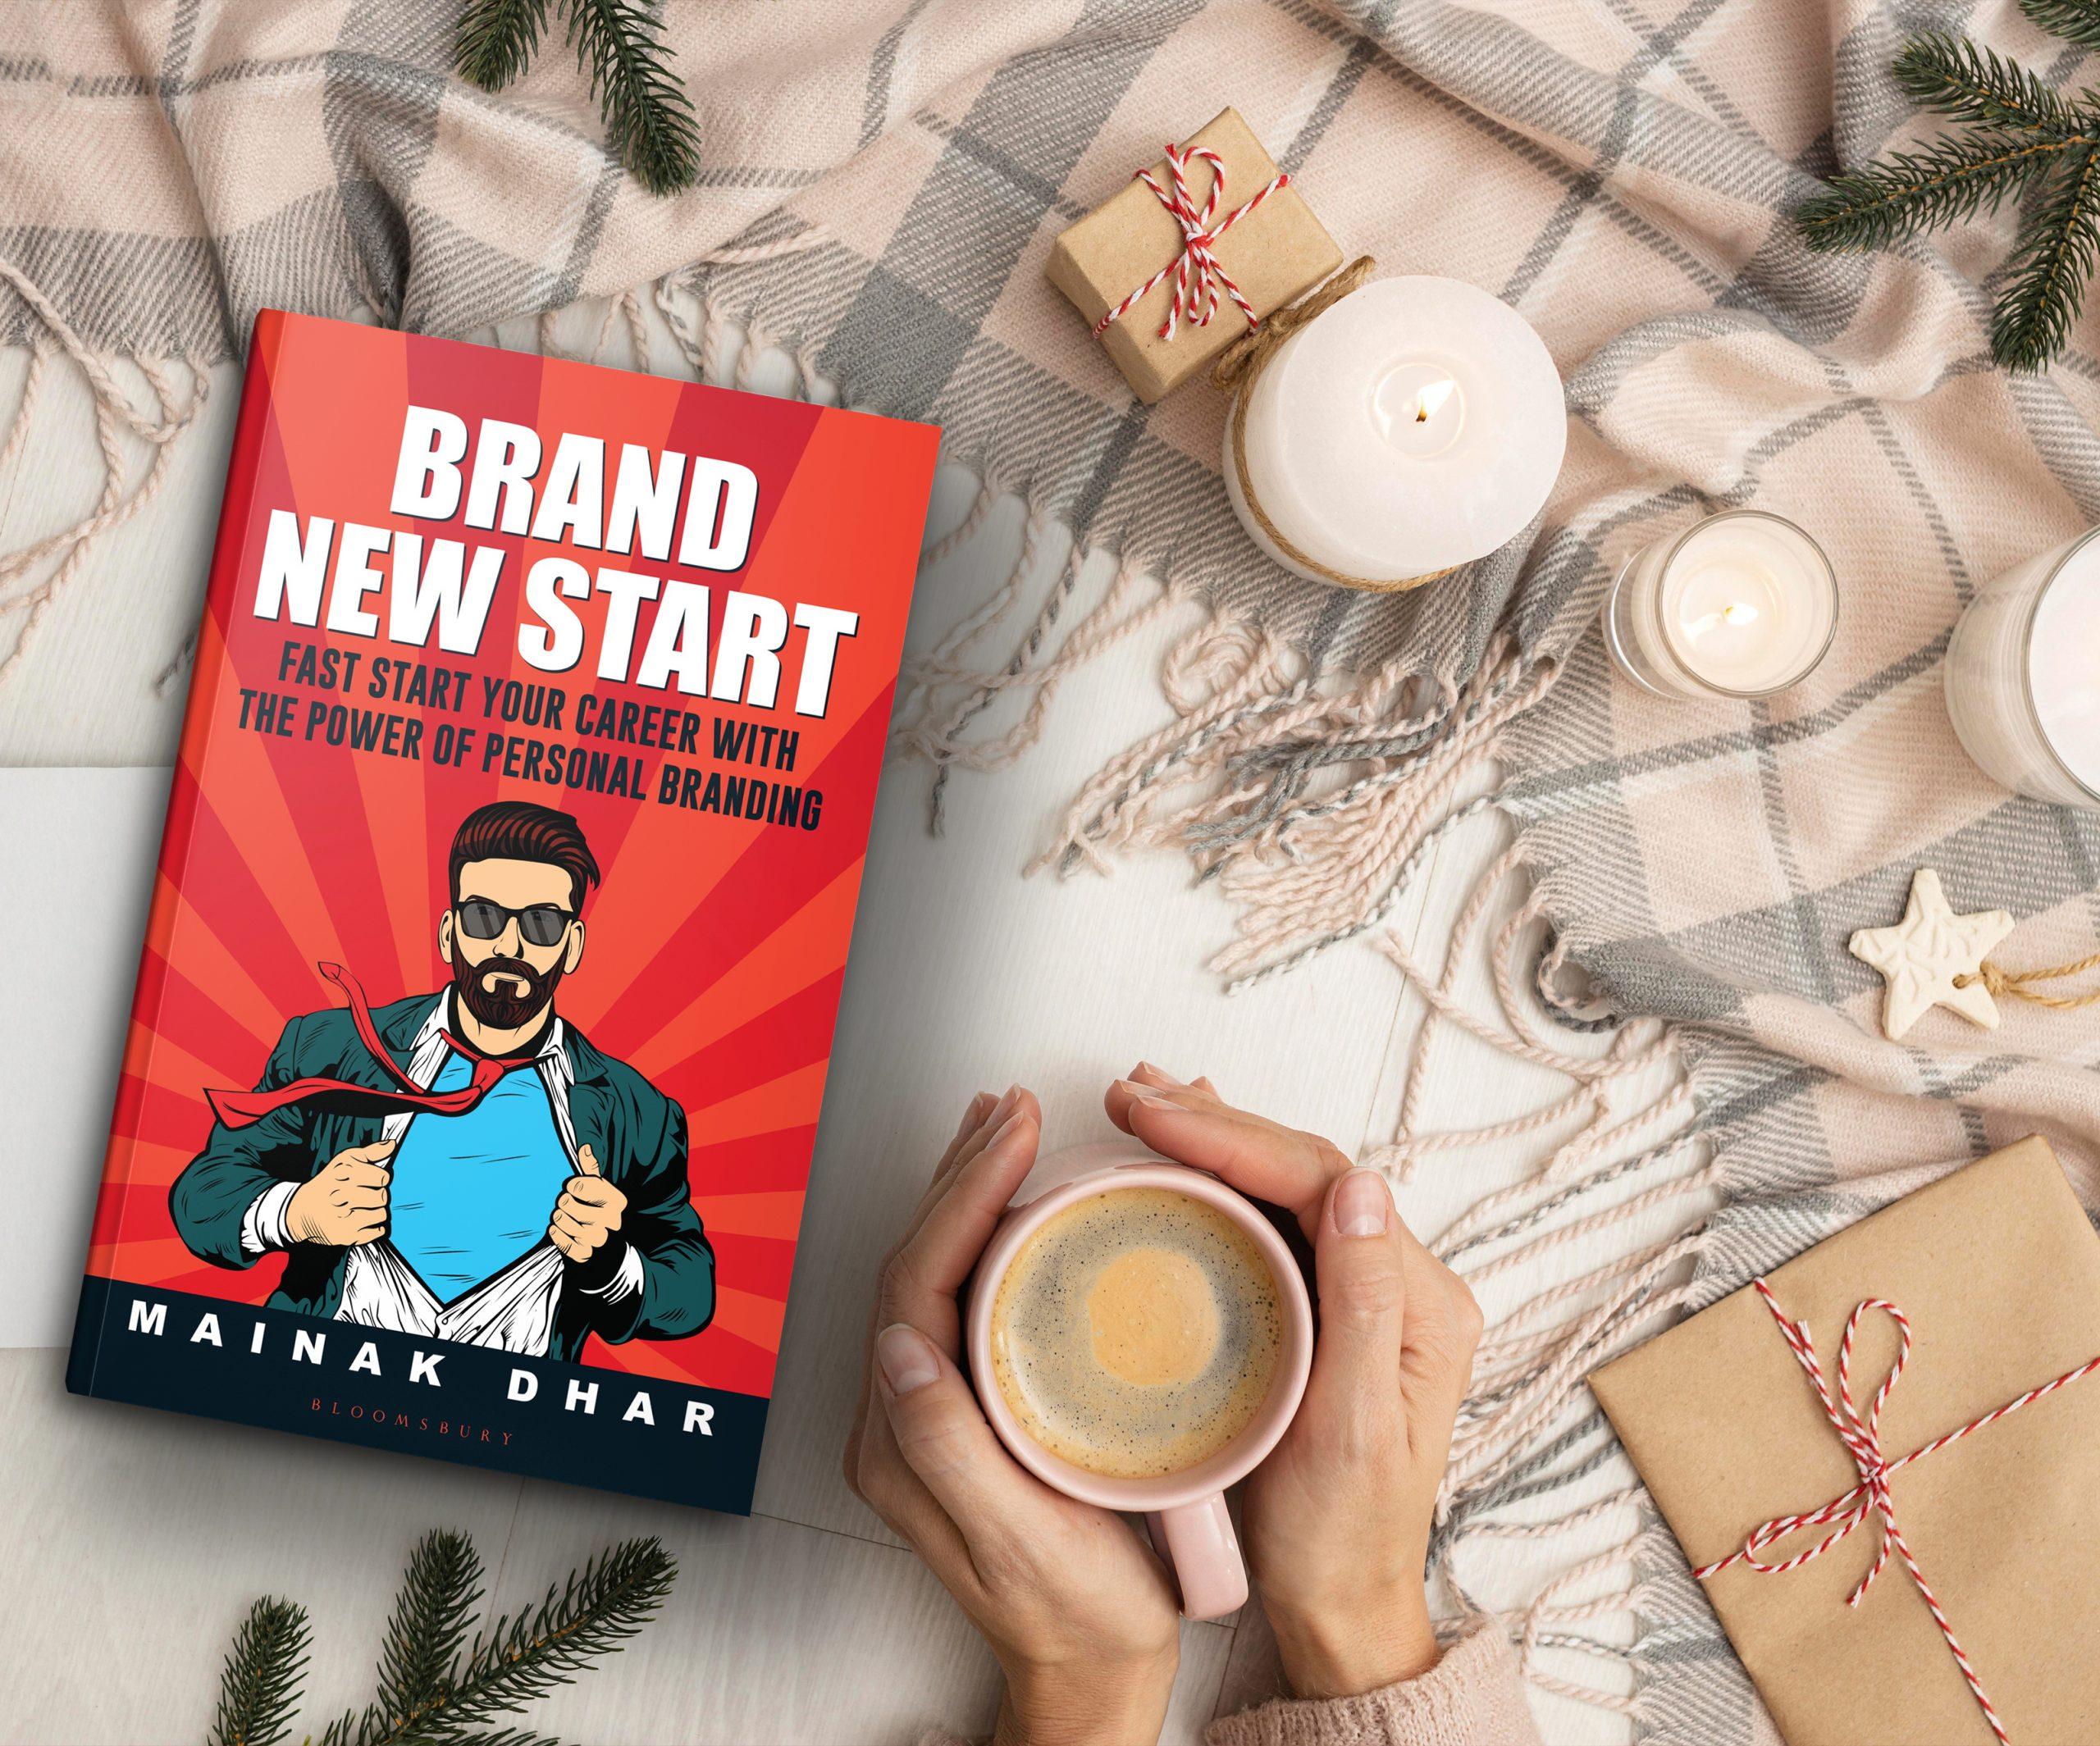 Brand New Start by Mainak Dhar